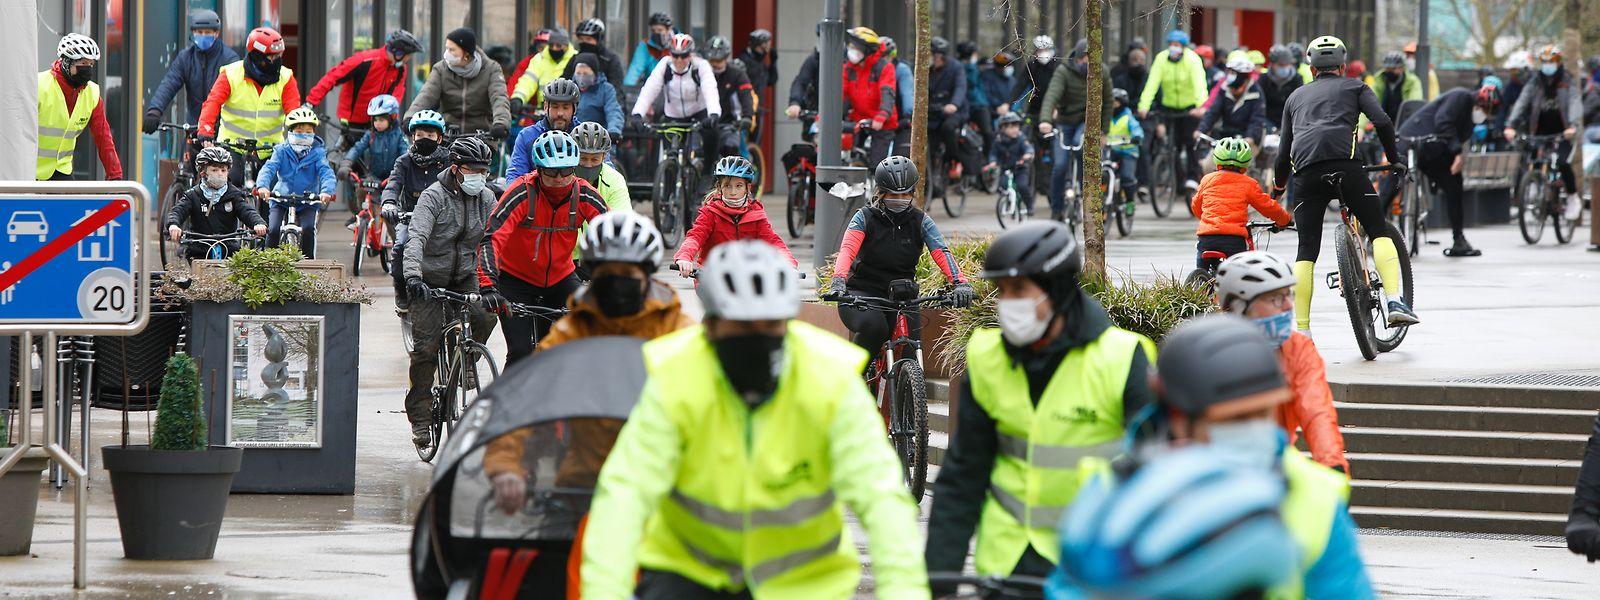 Die rund 150 Demonstranten wollten ein Zeichen für mehr sanfte Mobilität im öffentlichen Raum setzen.